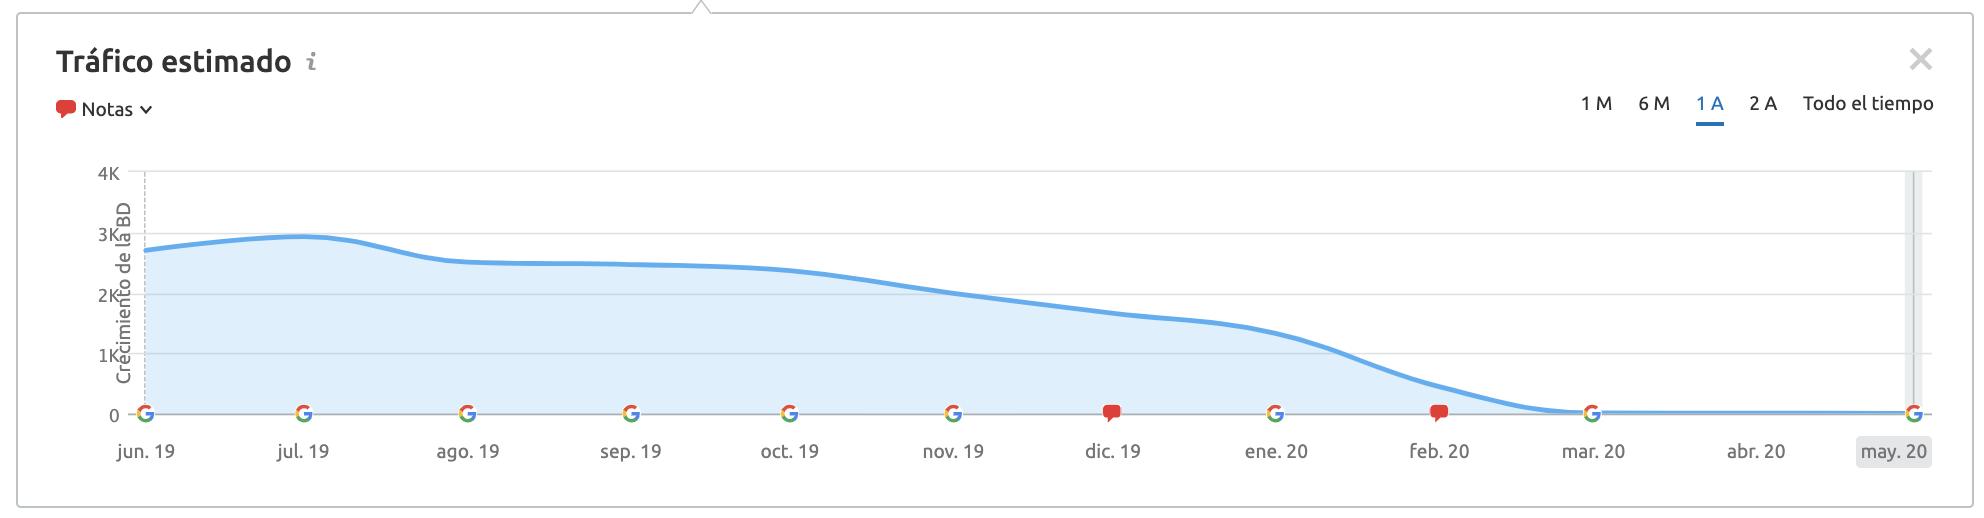 Penalizaciones Google - Tráfico estimado por spam